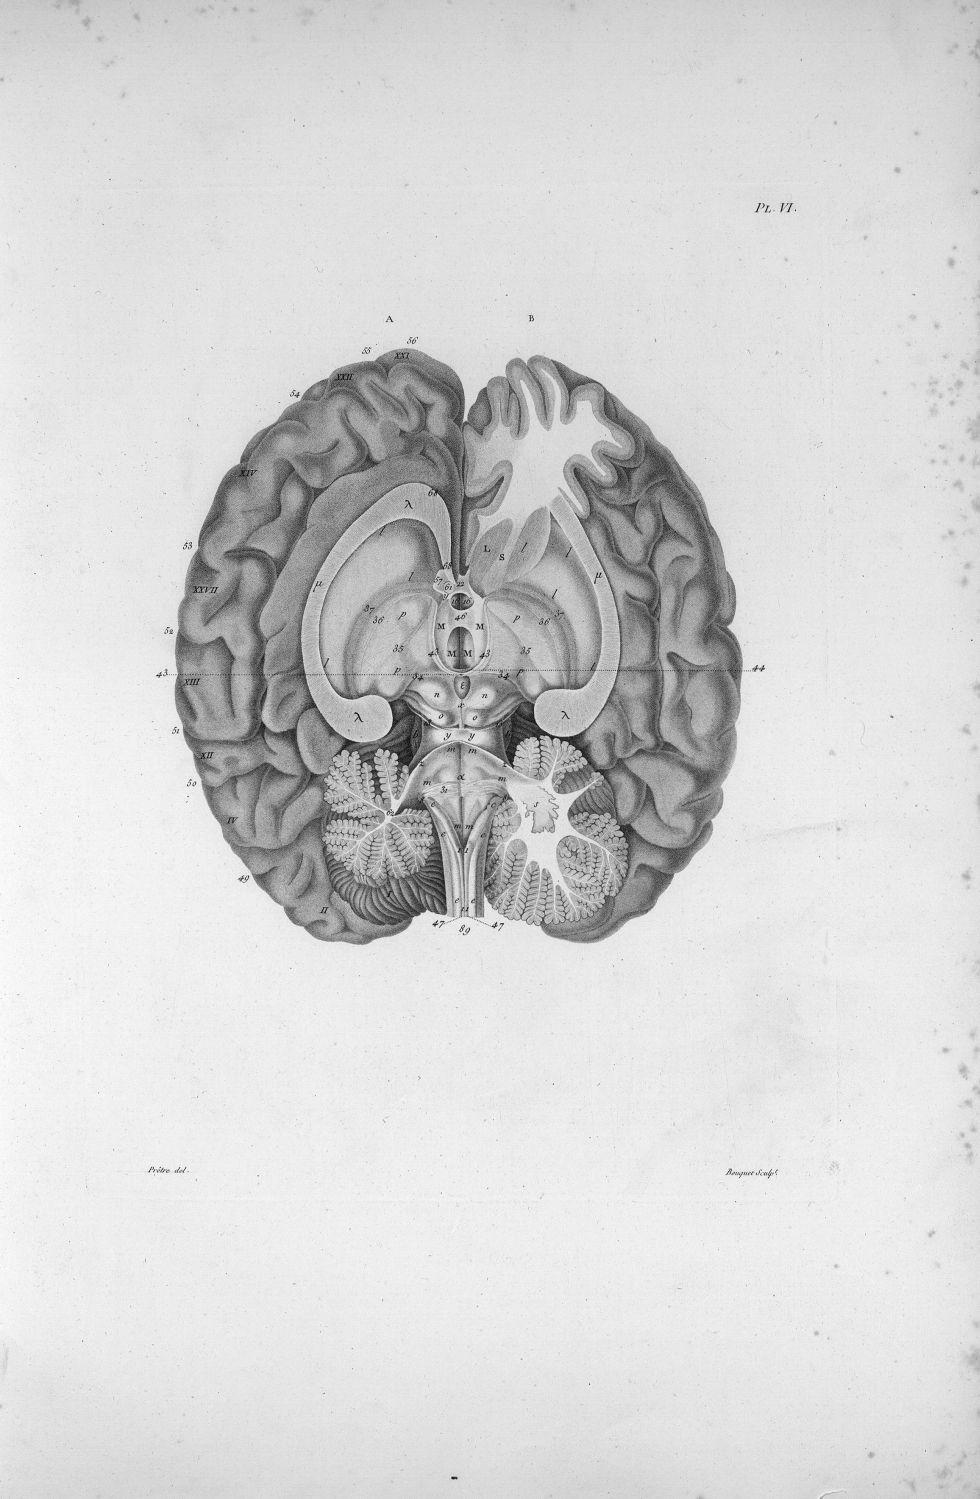 Pl. VI. Cerveau posé sur sa base - Anatomie et physiologie du système nerveux en général et du cerve [...] - Anatomie. Neurologie. Cerveaux (têtes). 19e siècle (France) - med00575xatlasx0016